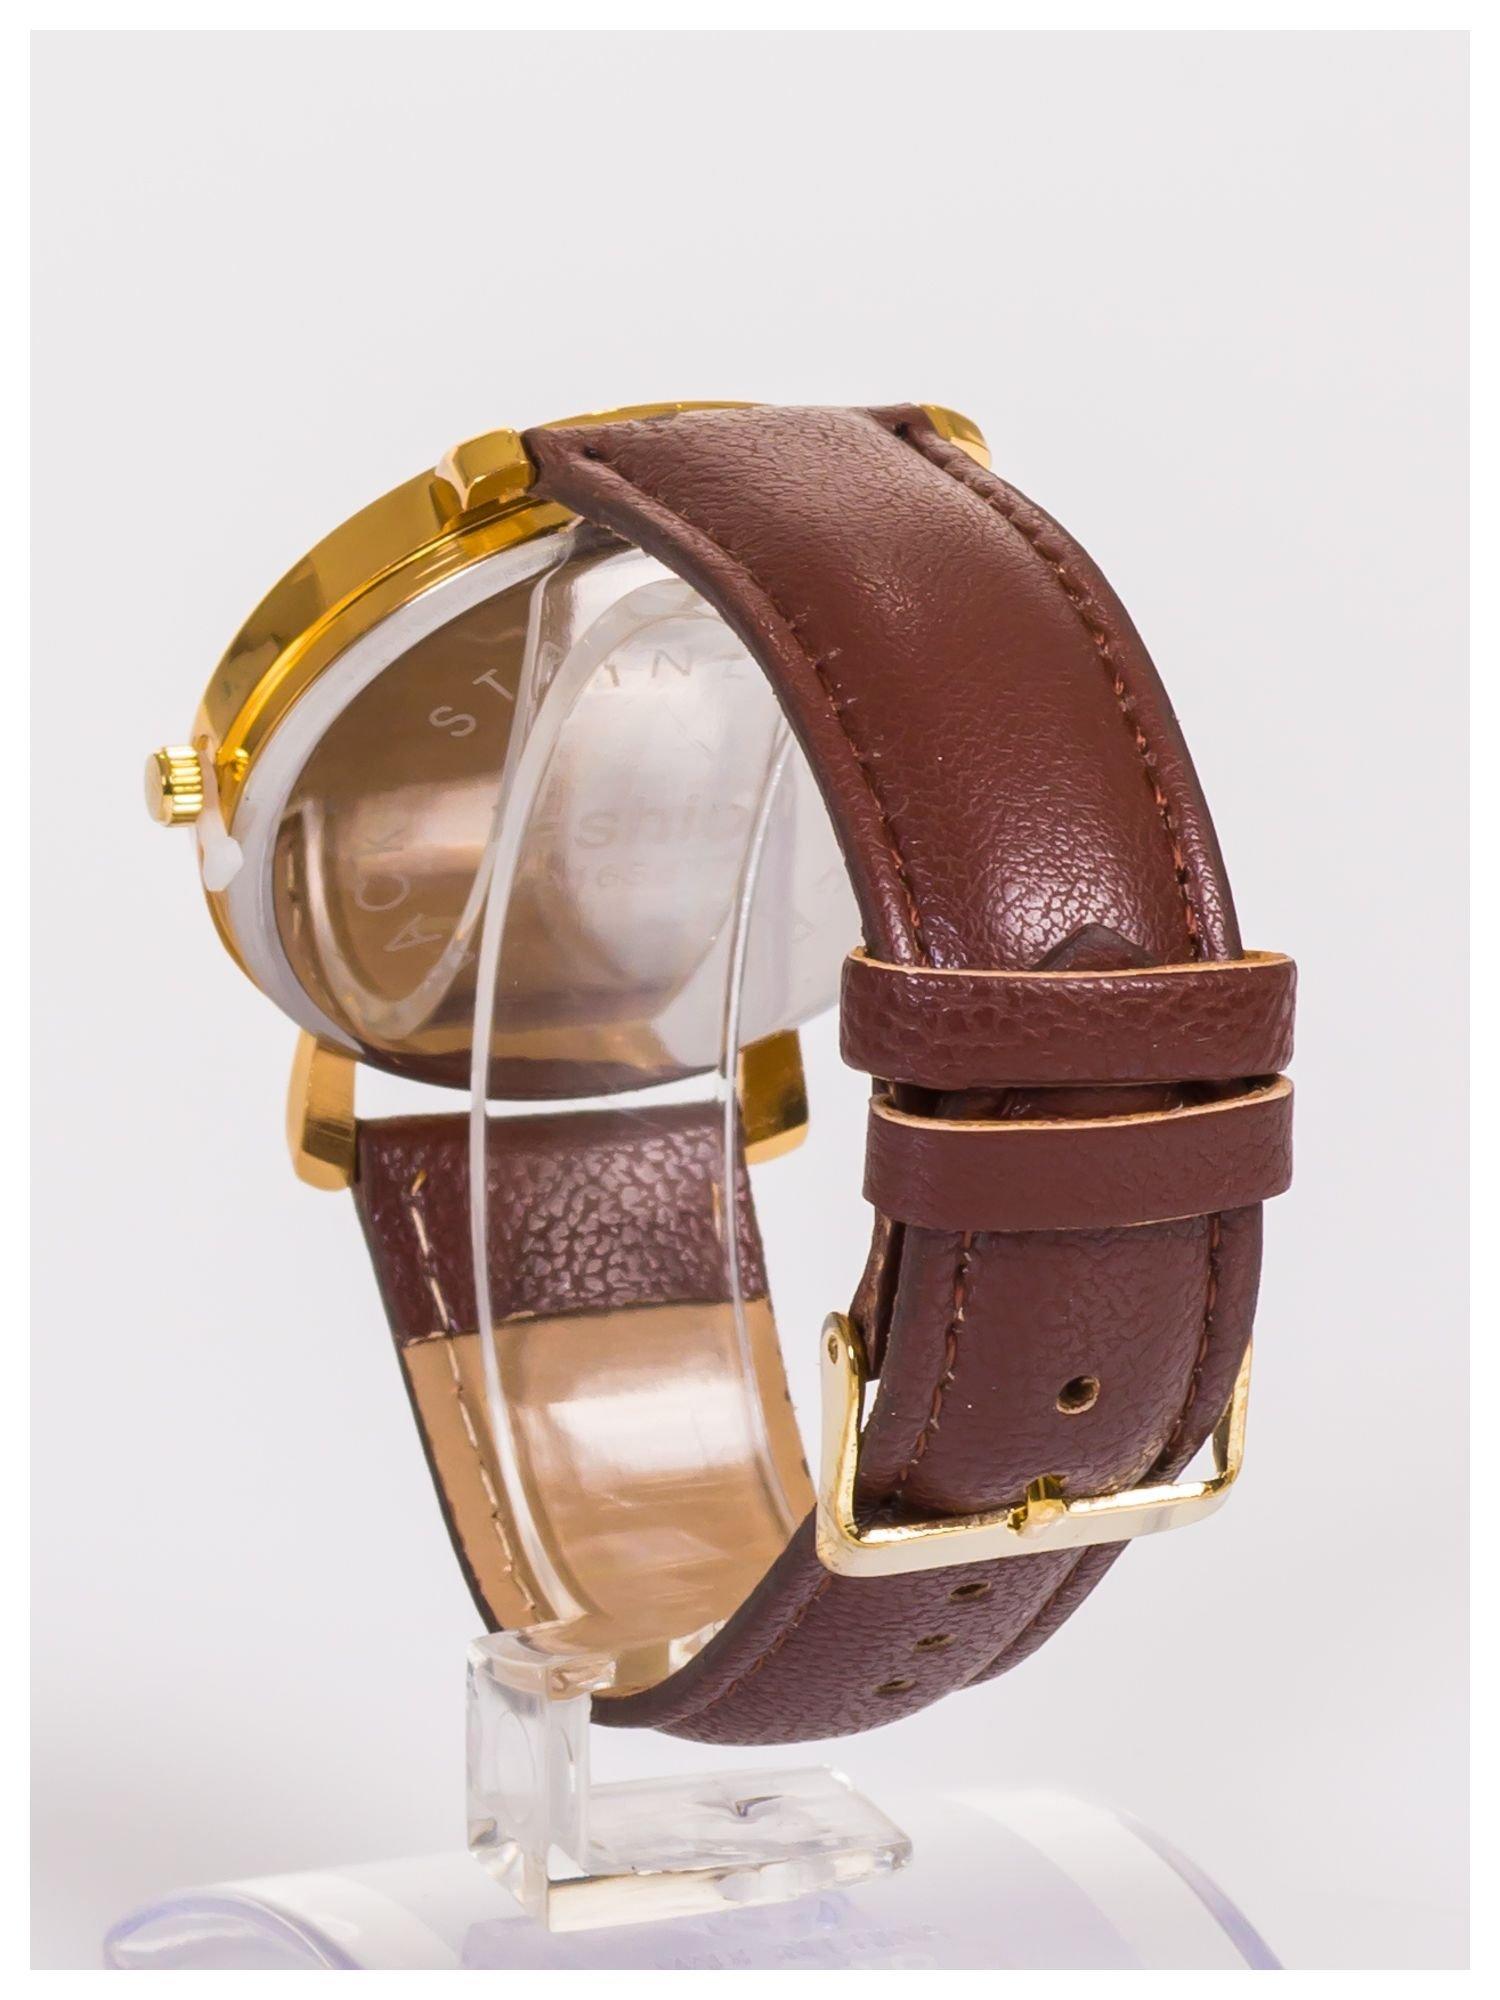 Damski zegarek z błyszczącym motylkiem na dużej i wyraźnej tarczy                                   zdj.                                  3